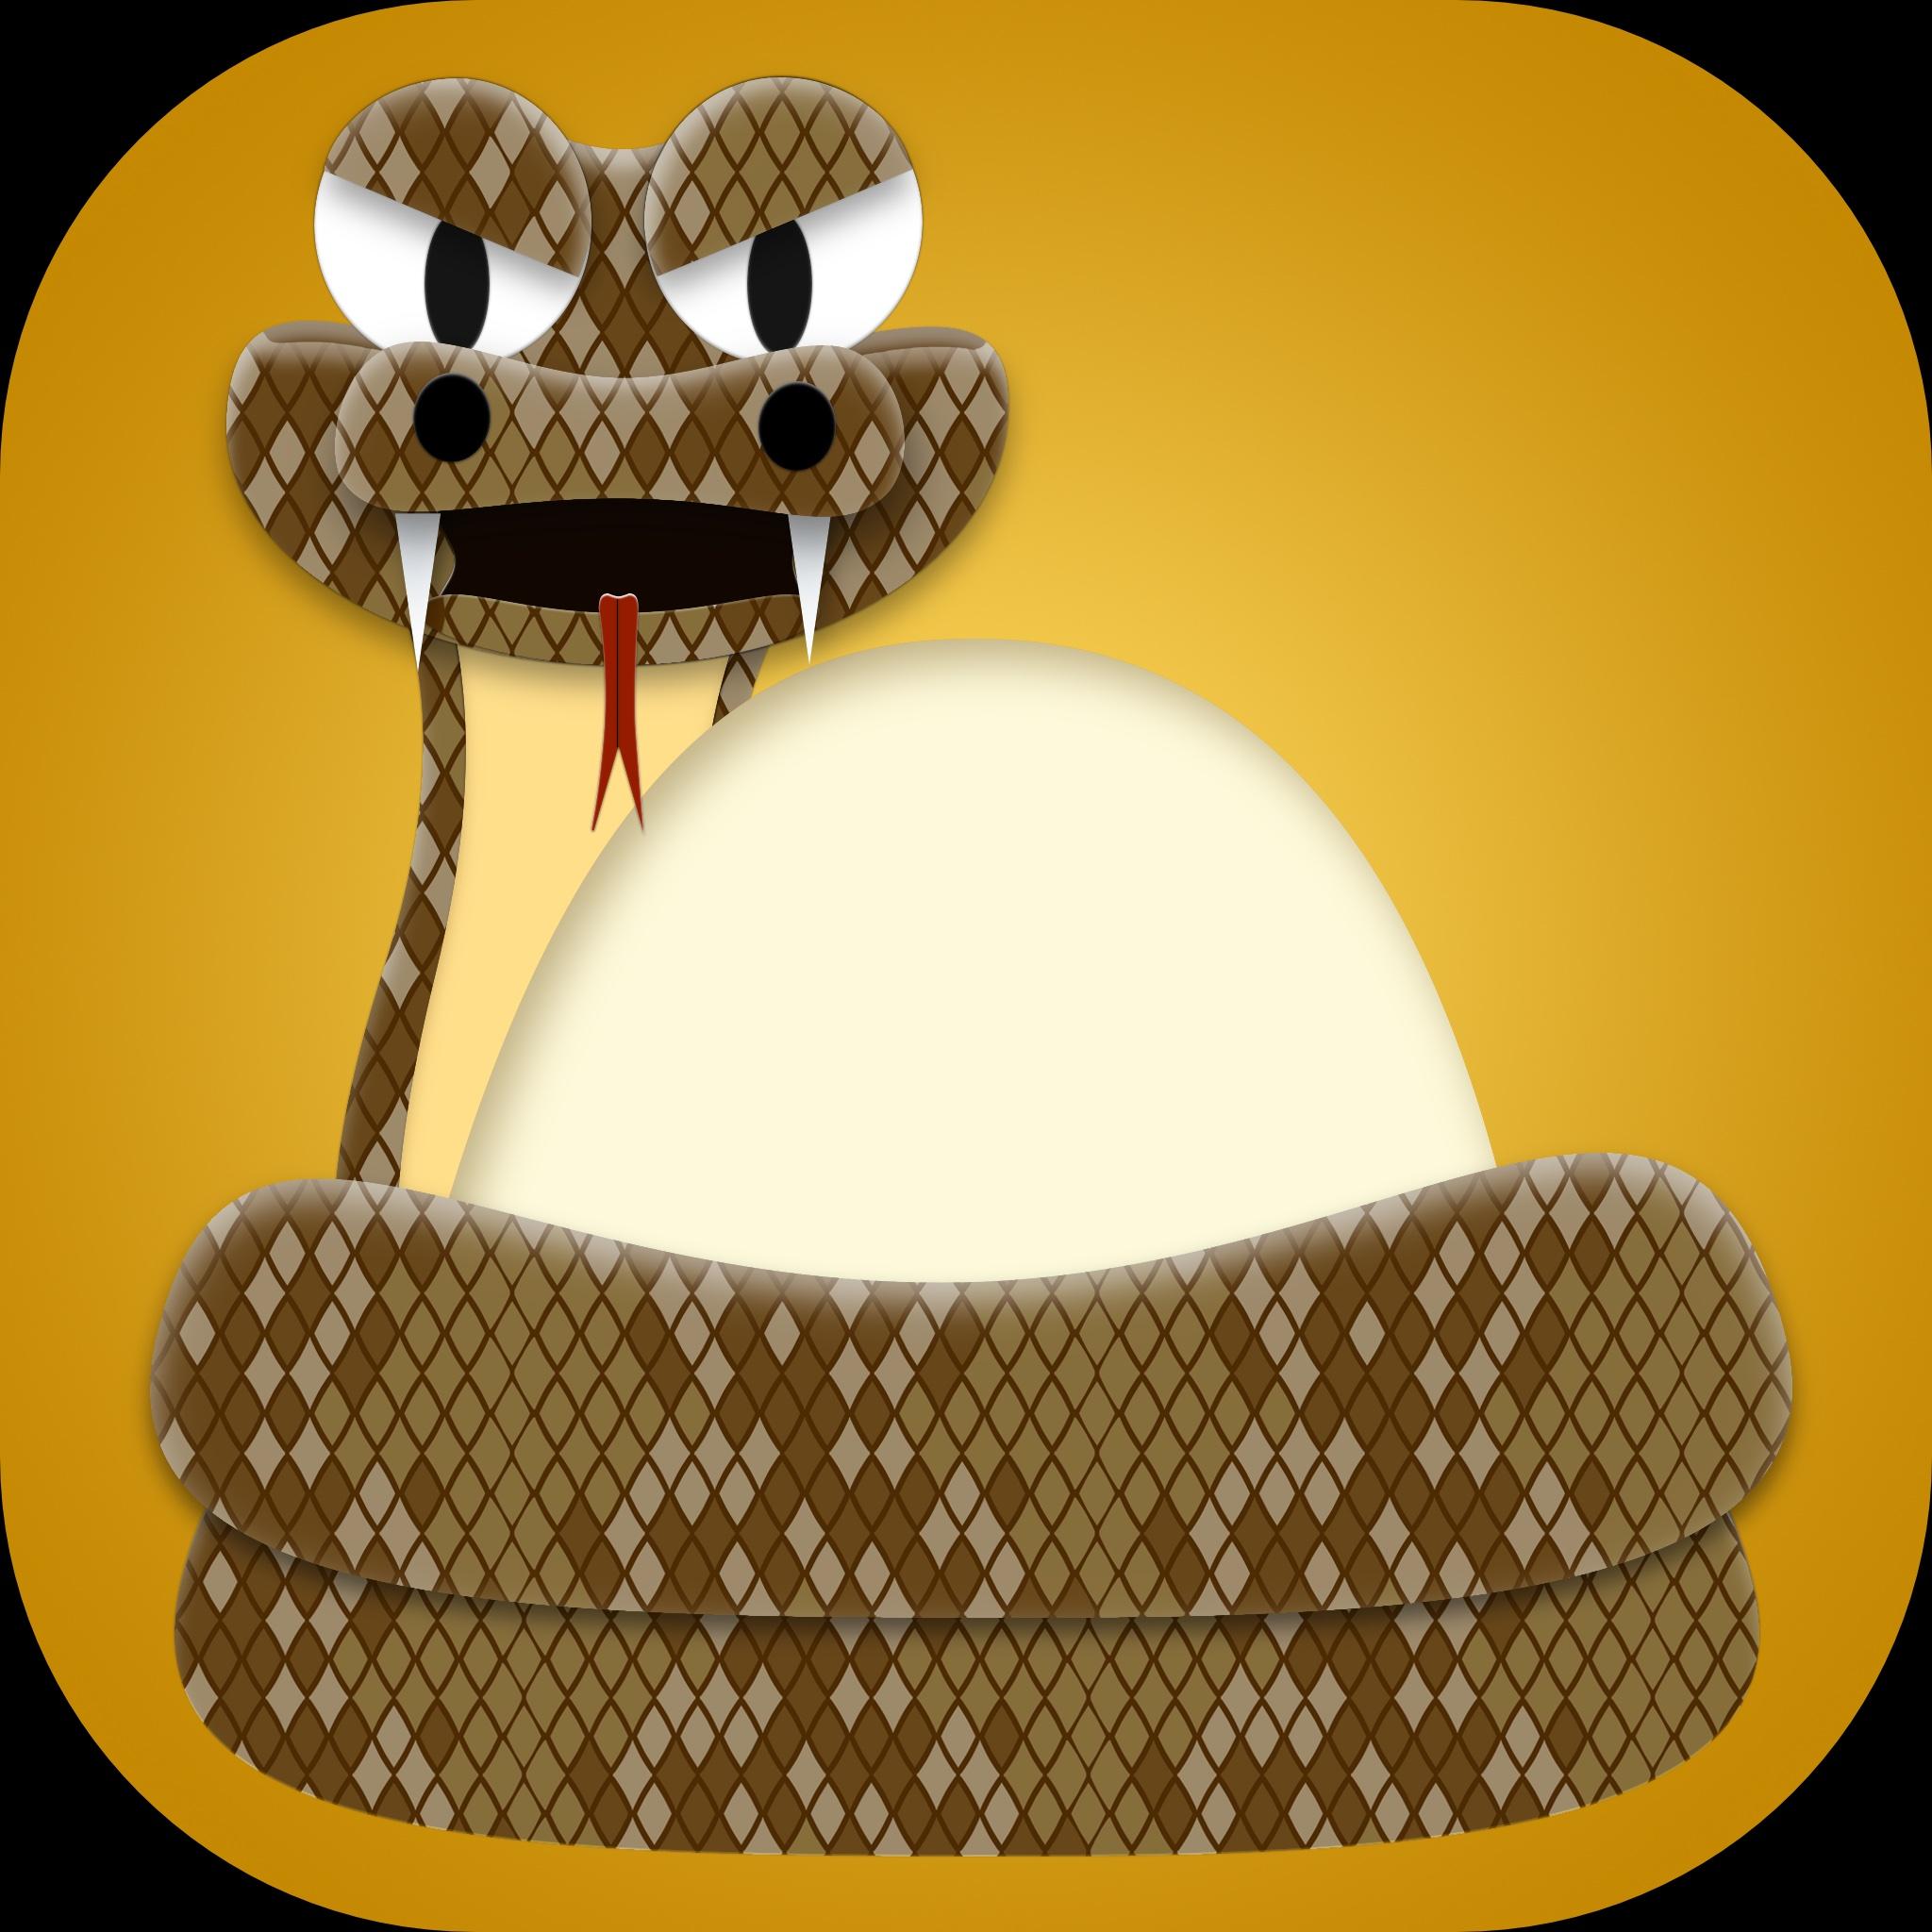 Snake & Eggs